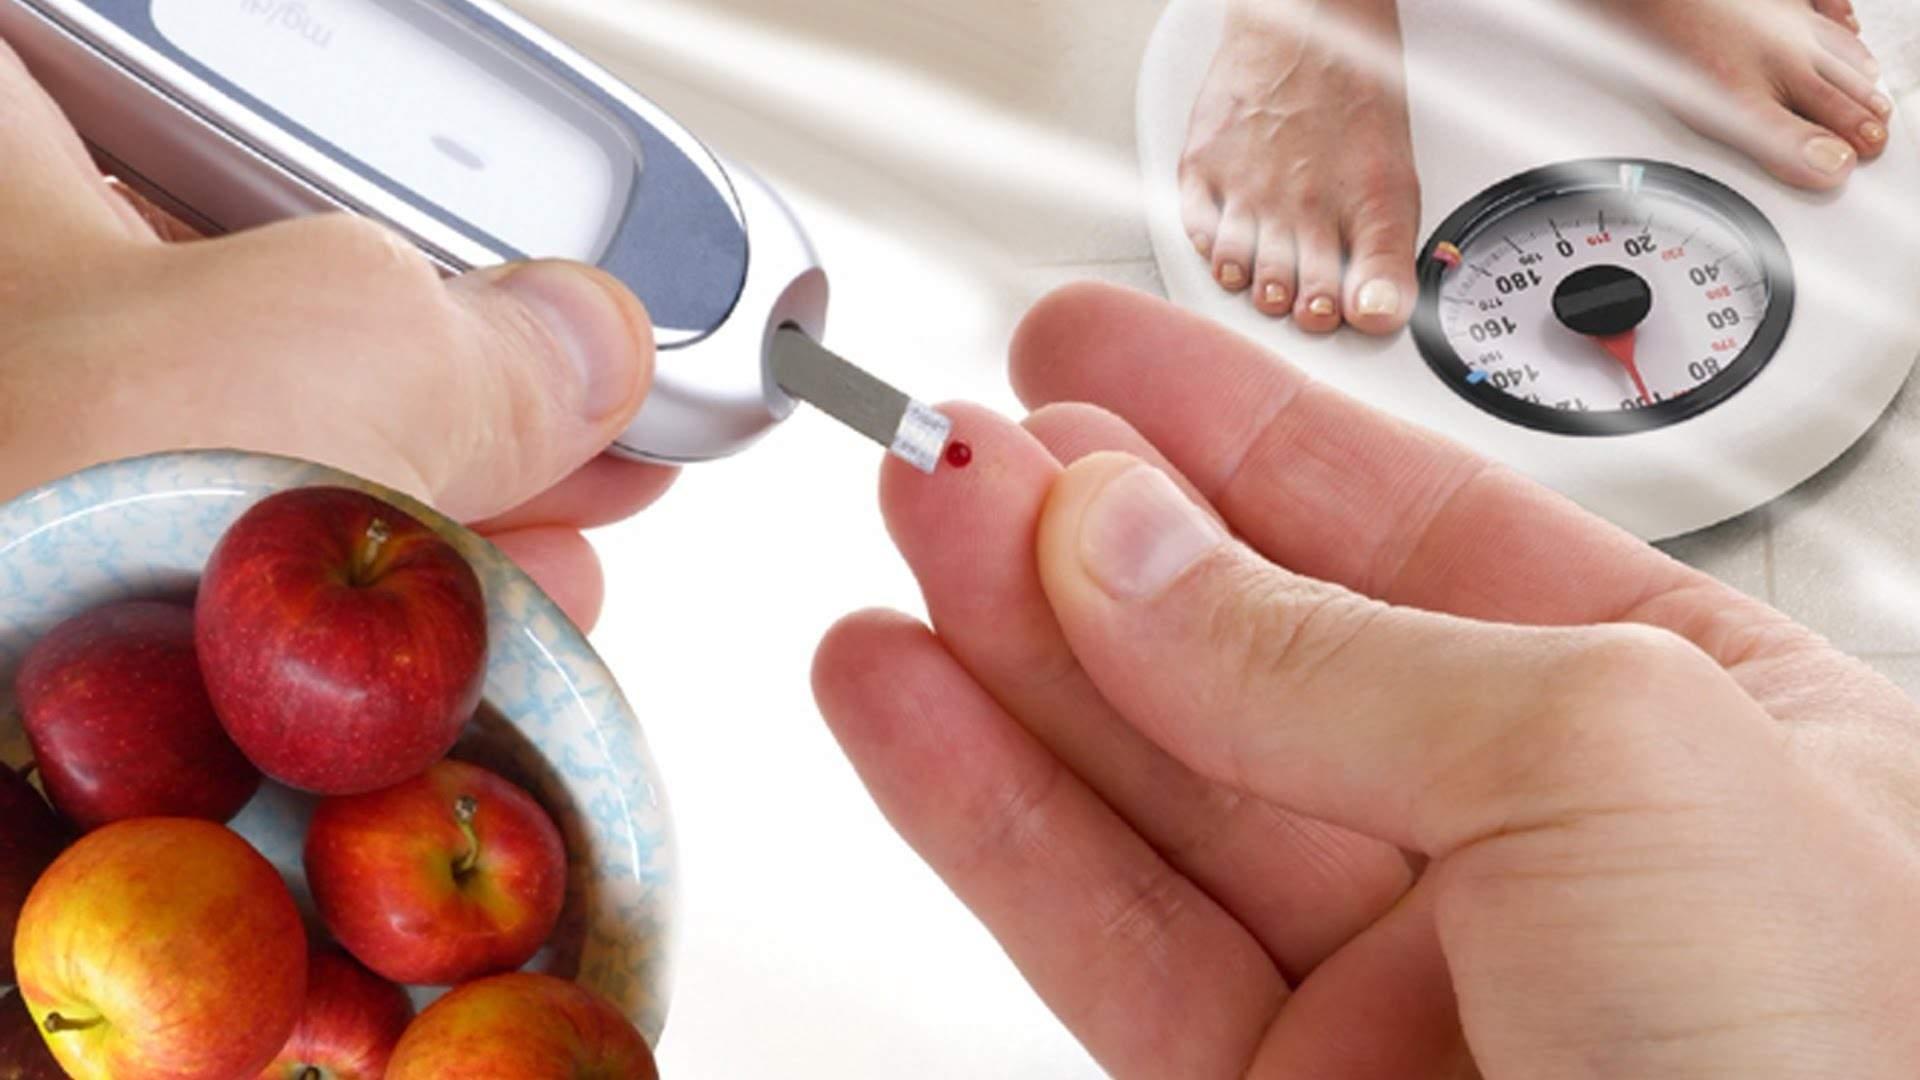 Медики рассказали, кто больше всех рискует заболеть сахарным диабетом